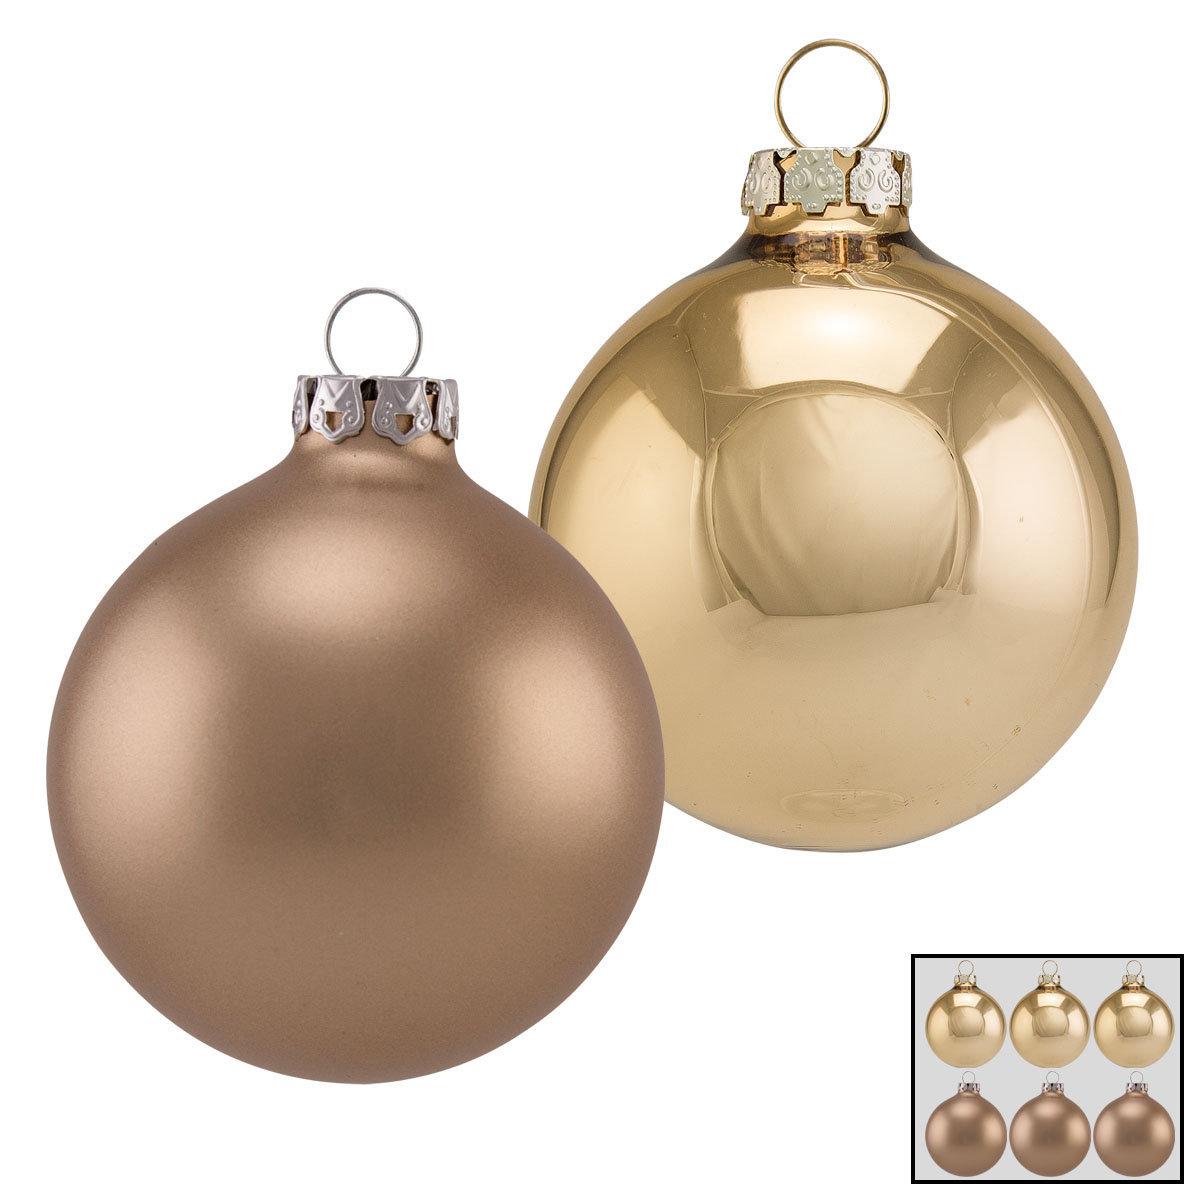 Christbaumkugeln Hersteller.Christbaumkugeln 6er Set 8 Cm Glas Gold